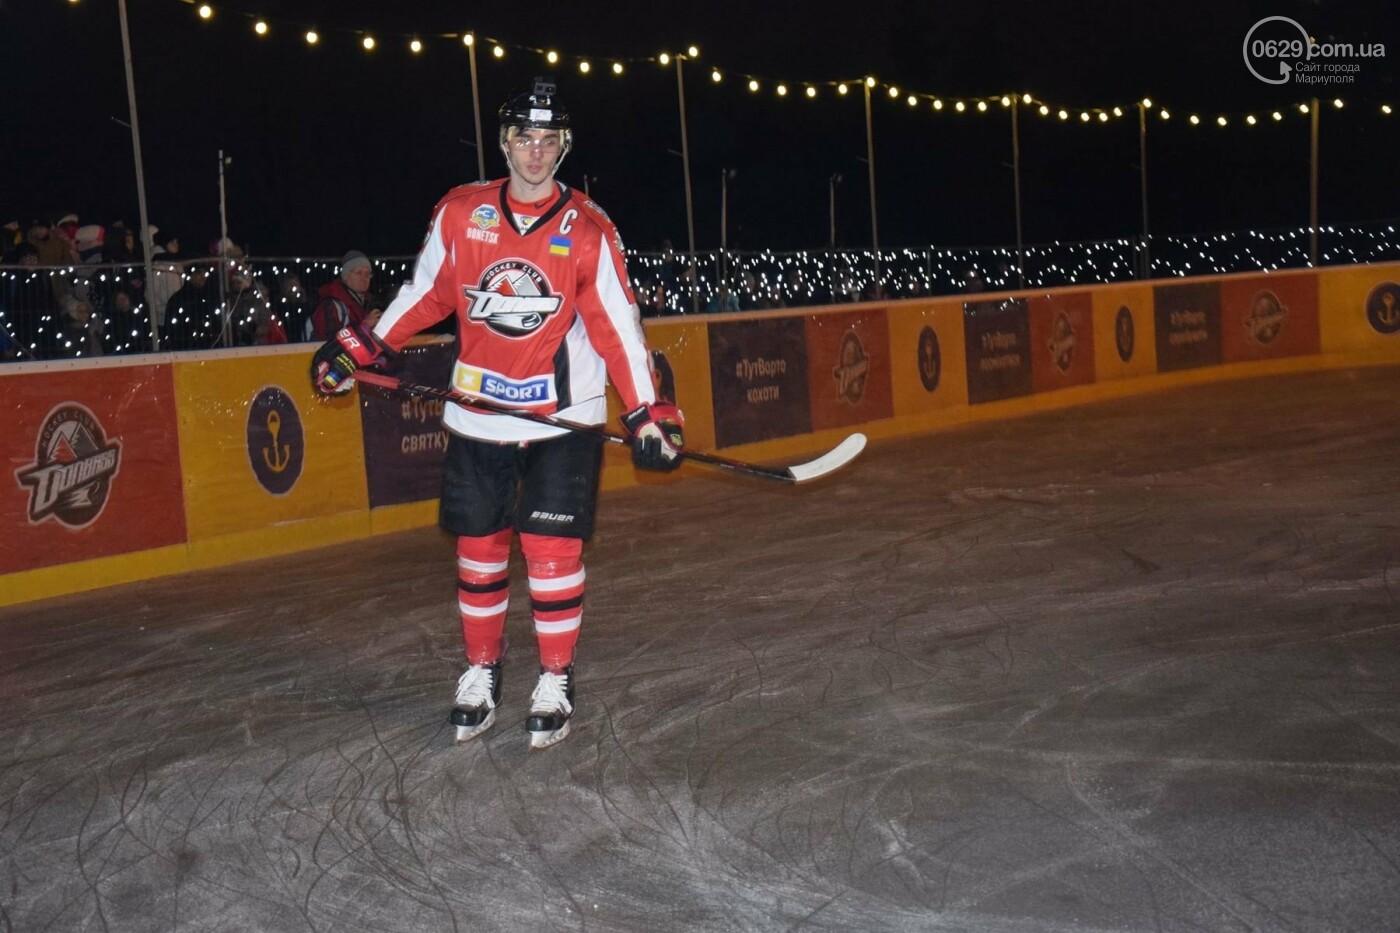 Открытие ледовой арены. Стоимость катания на городском  катке в  Мариуполе увеличилась вдвое  - ФОТО, ВИДЕО, фото-6